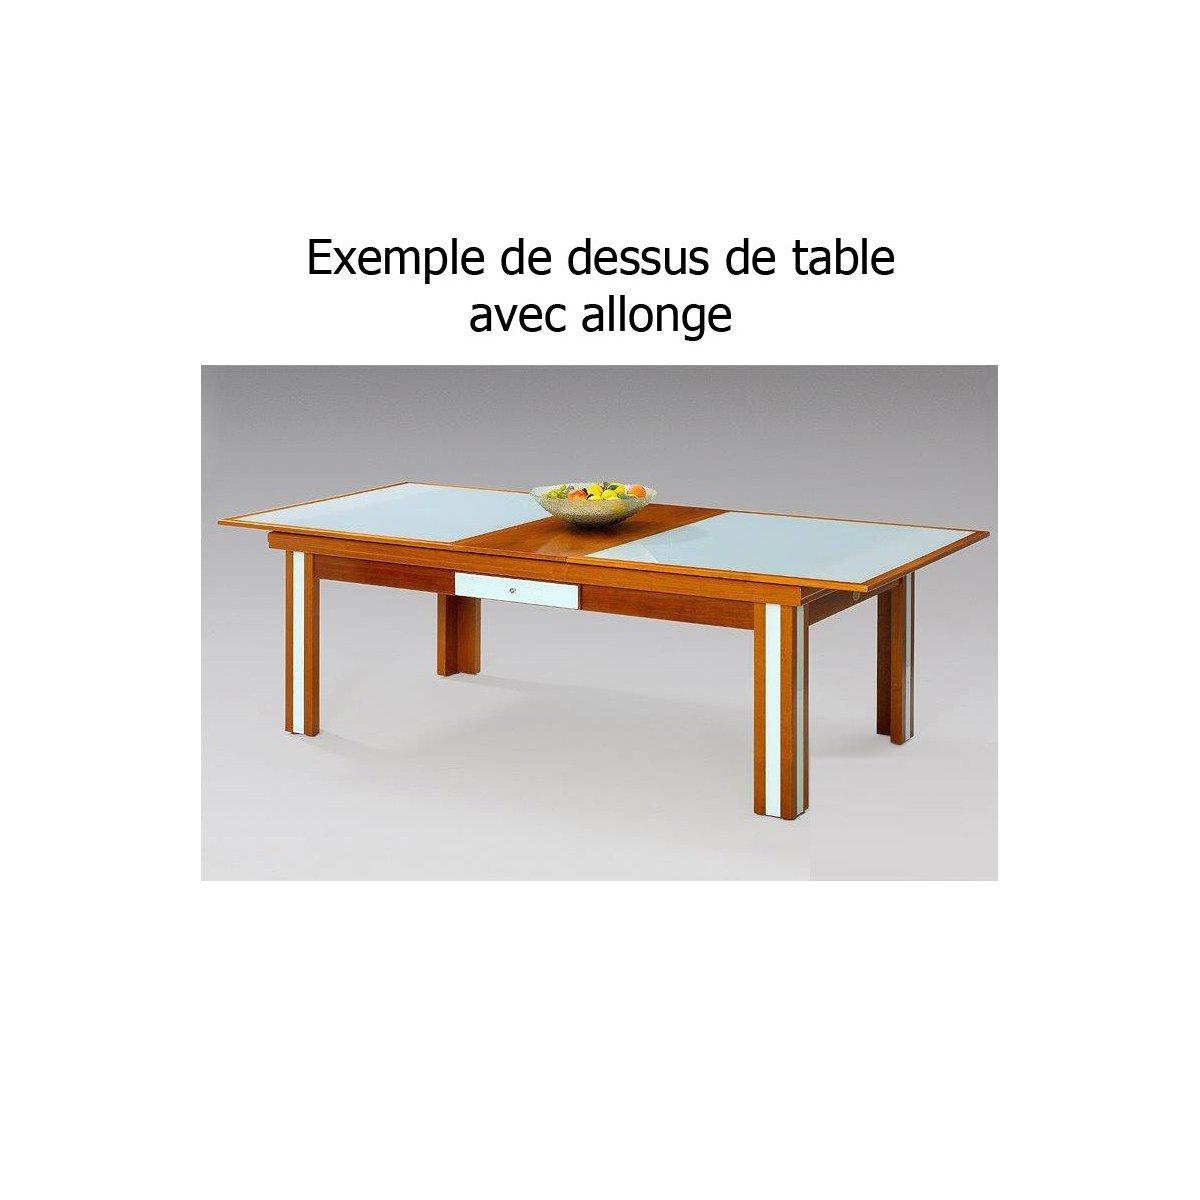 Plateau billard en bois avec carr couleur alluminium pour for Table qui s allonge